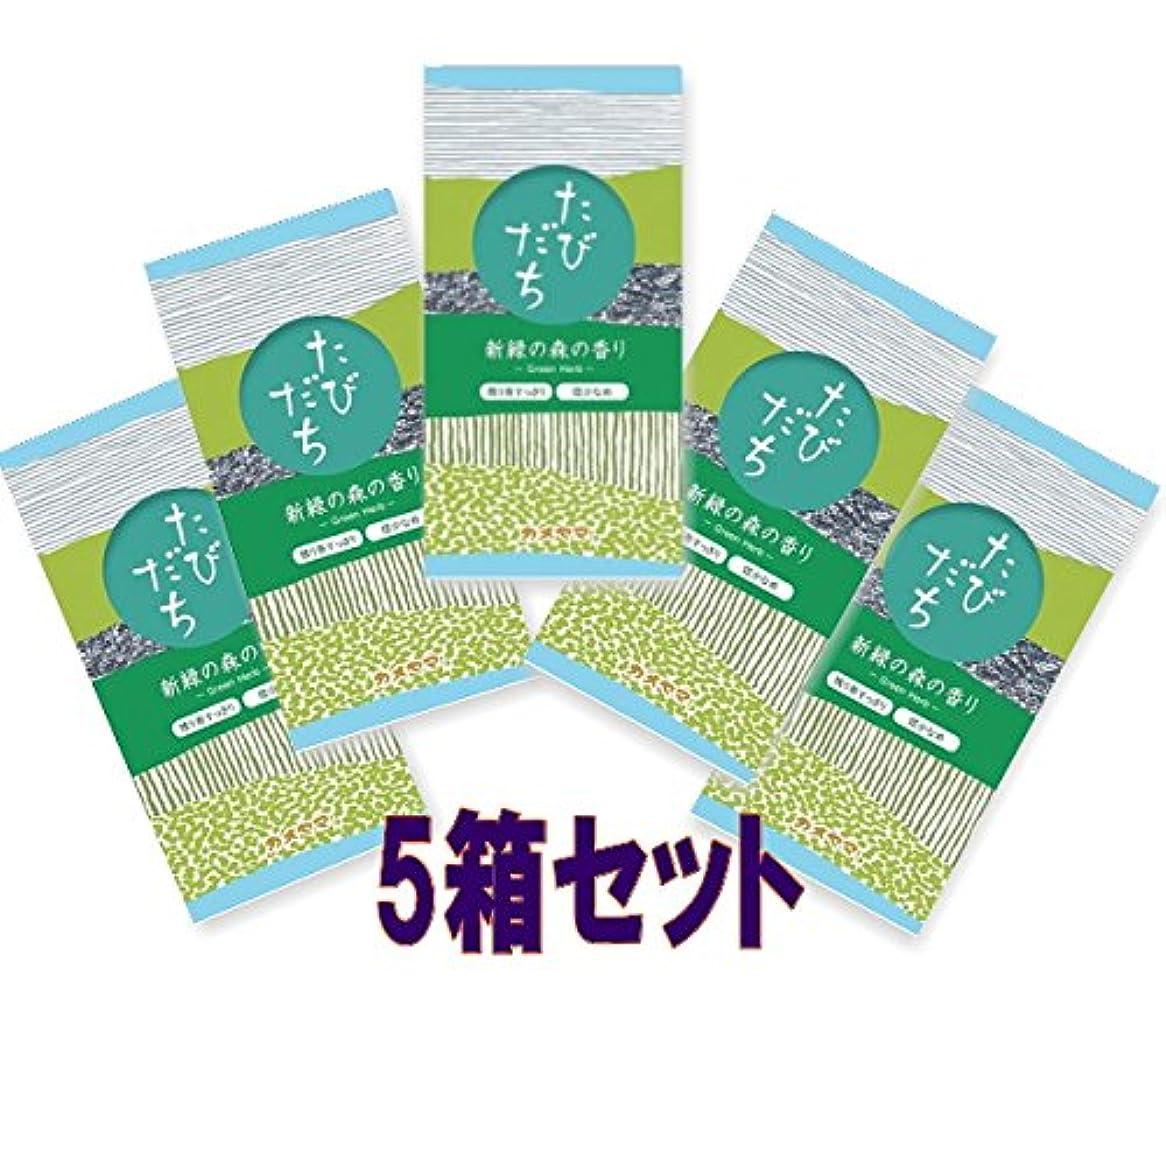 植物学者蛾腰まとめ買 たびだち 新緑の森の香り 5箱セット カメヤマ